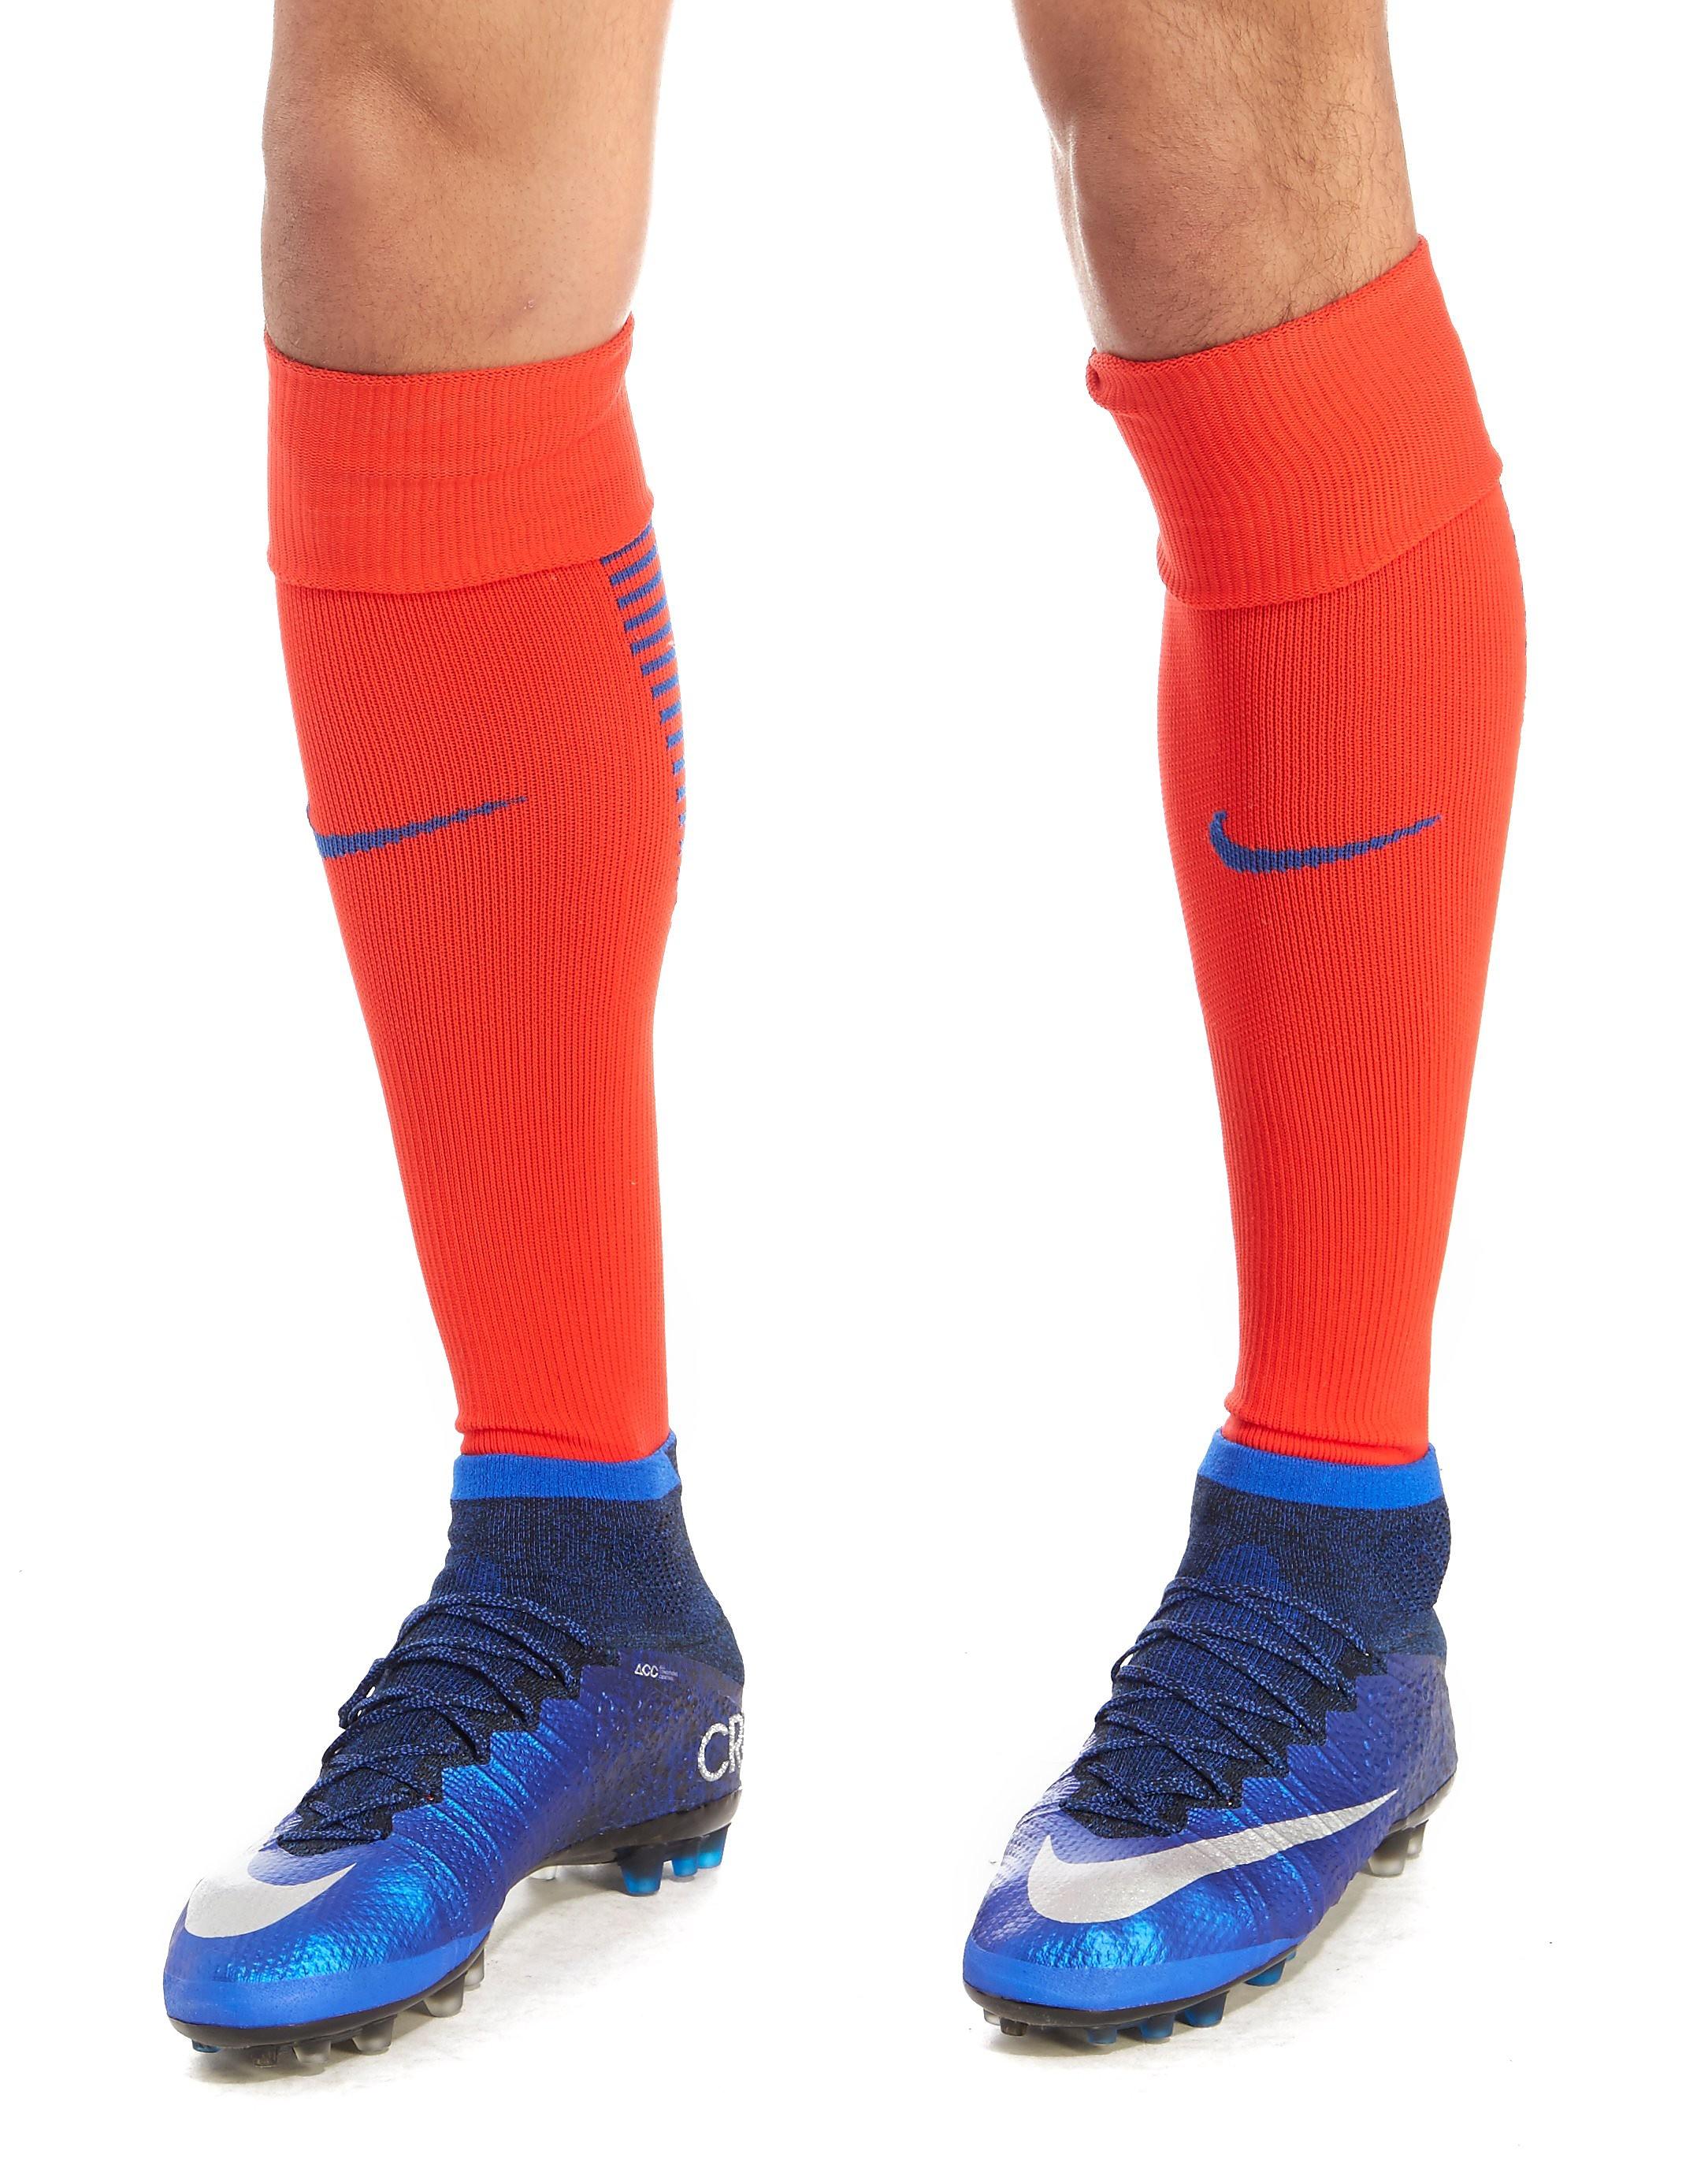 Nike England 2016 Home Socks